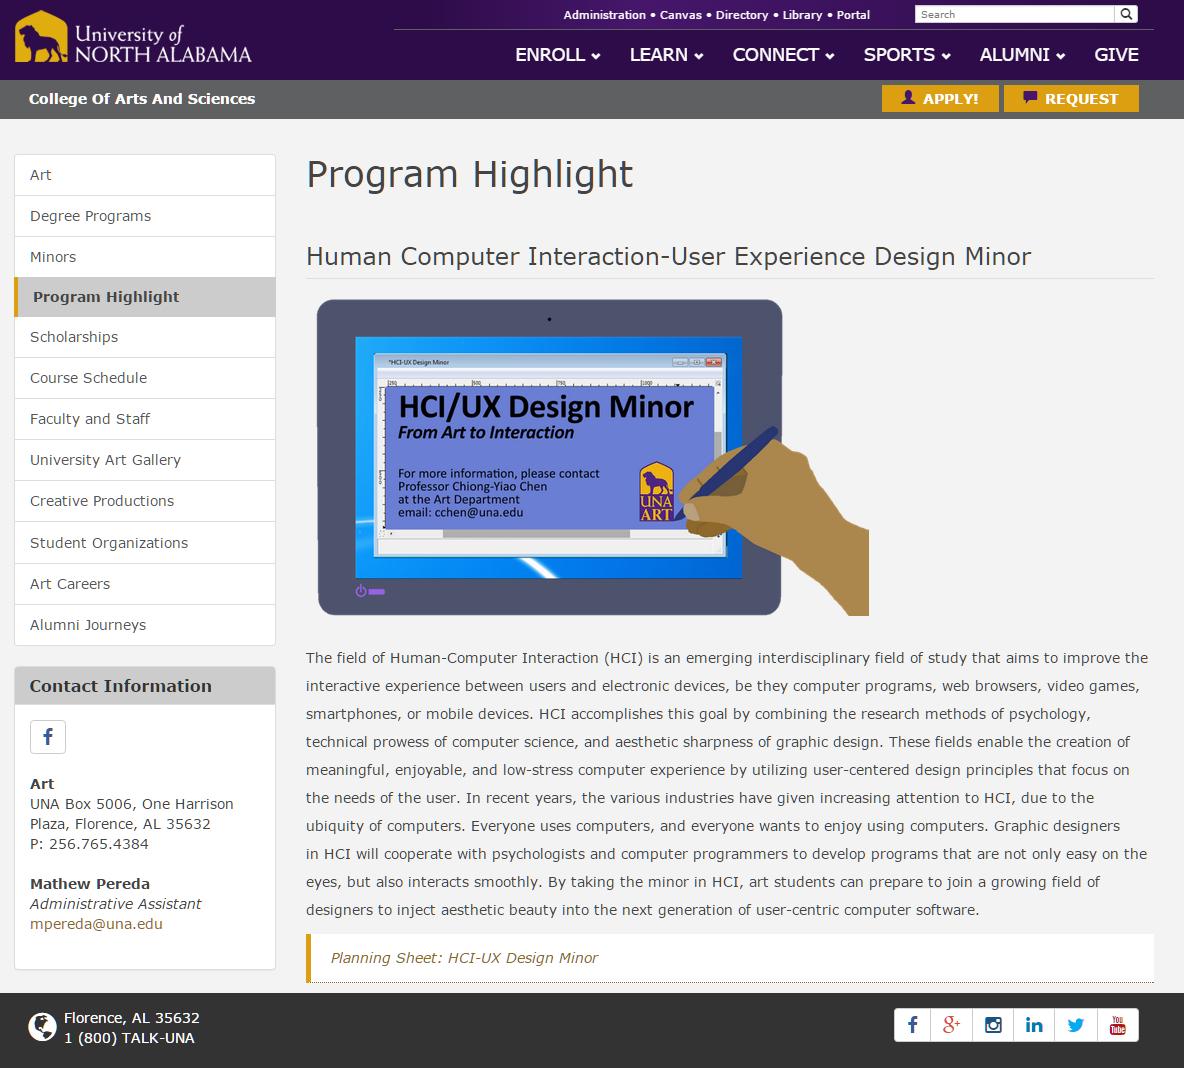 HCI program highlihgt